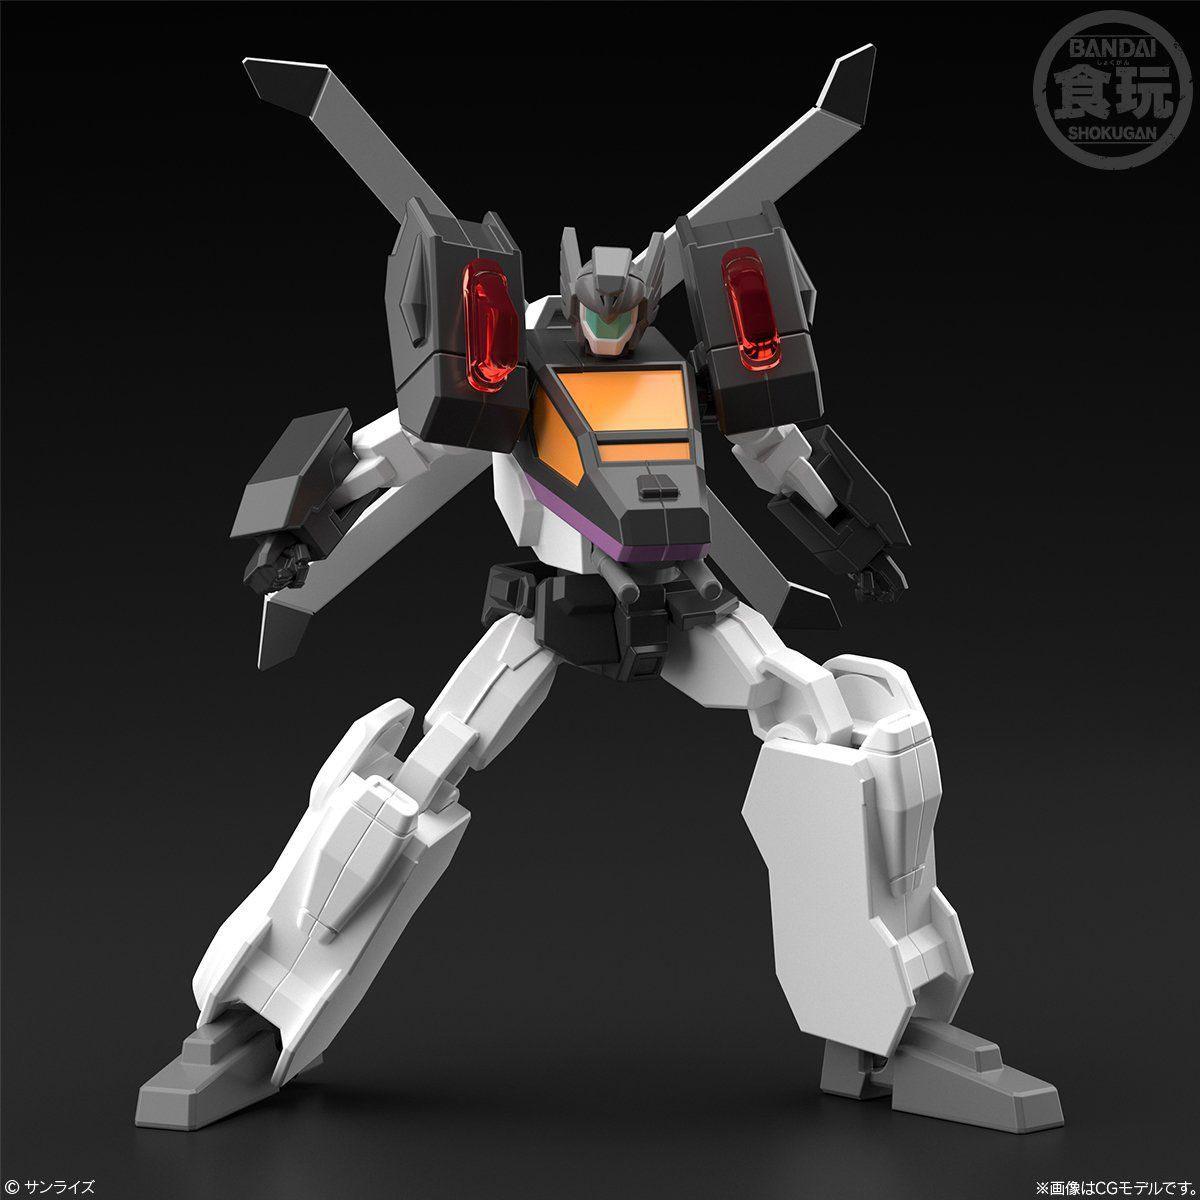 【食玩】スーパーミニプラ『ビッグボルフォッグ』勇者王ガオガイガー プラモデル-004